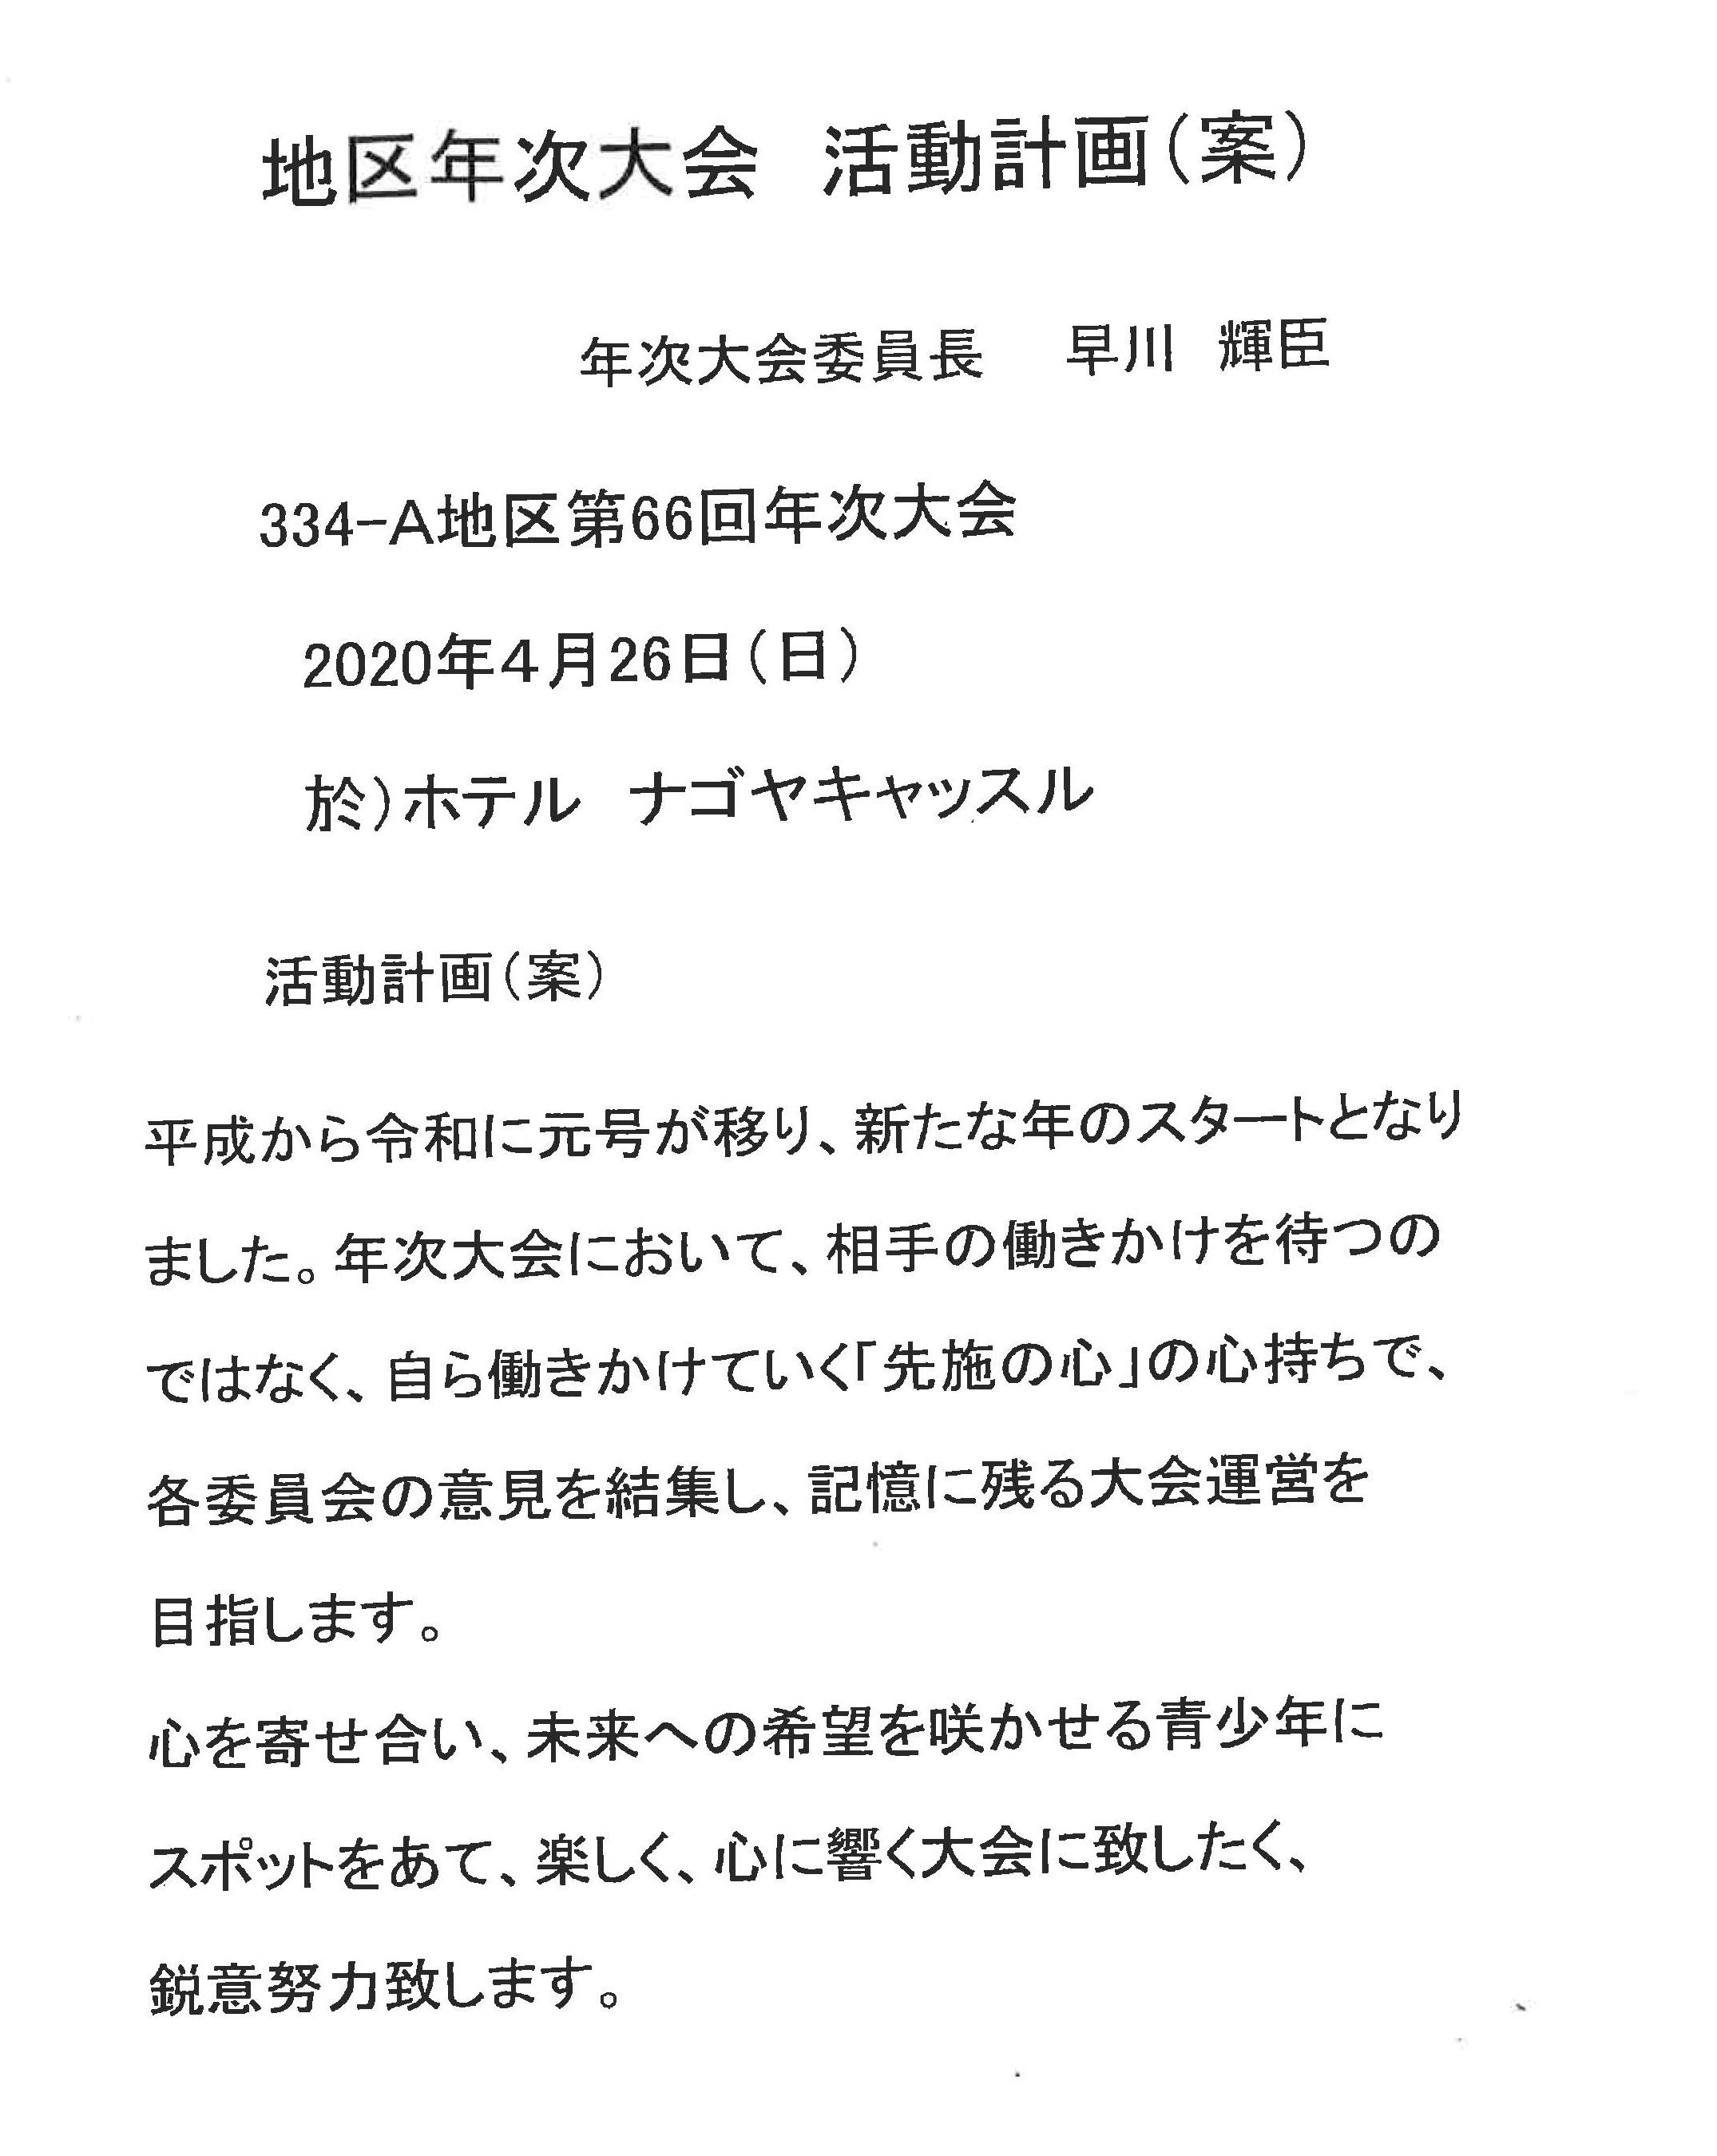 37第1回G諮問委員会Z会議 地区年次大会 活動計画(案)1